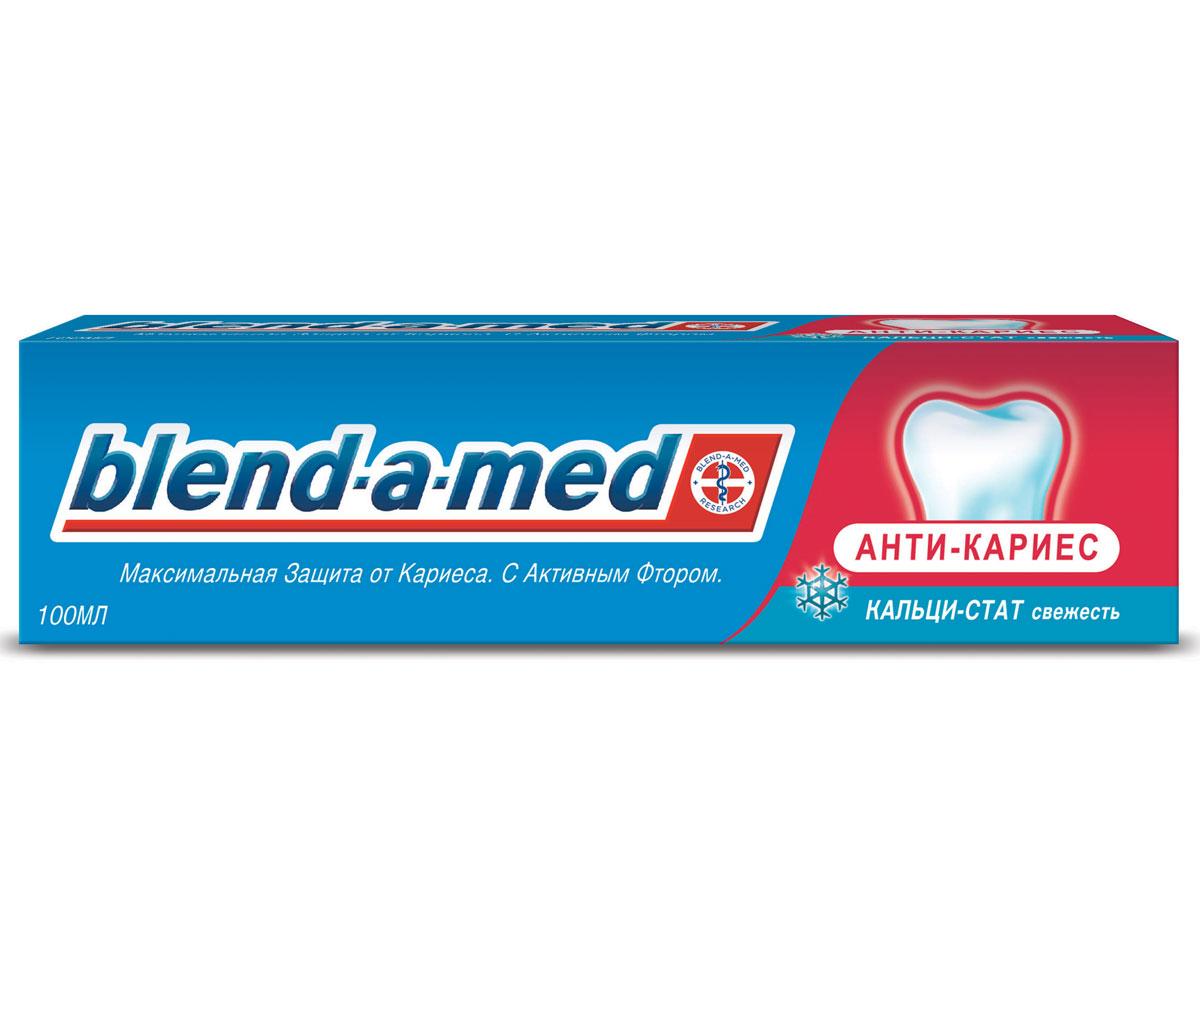 Blend-a-med Зубная паста Анти-кариес. Свежесть, 100 млBM-81345137Зубная паста Blend-a-med Анти-кариес. Свежесть - это максимальная защита от кариеса. Благодаря ее уникальной формуле с активным фтором, который способствует поступлению естественного кальция и минеральных элементов в состав зубной эмали, помогает остановить развитие кариеса на самой ранней стадии его образования.